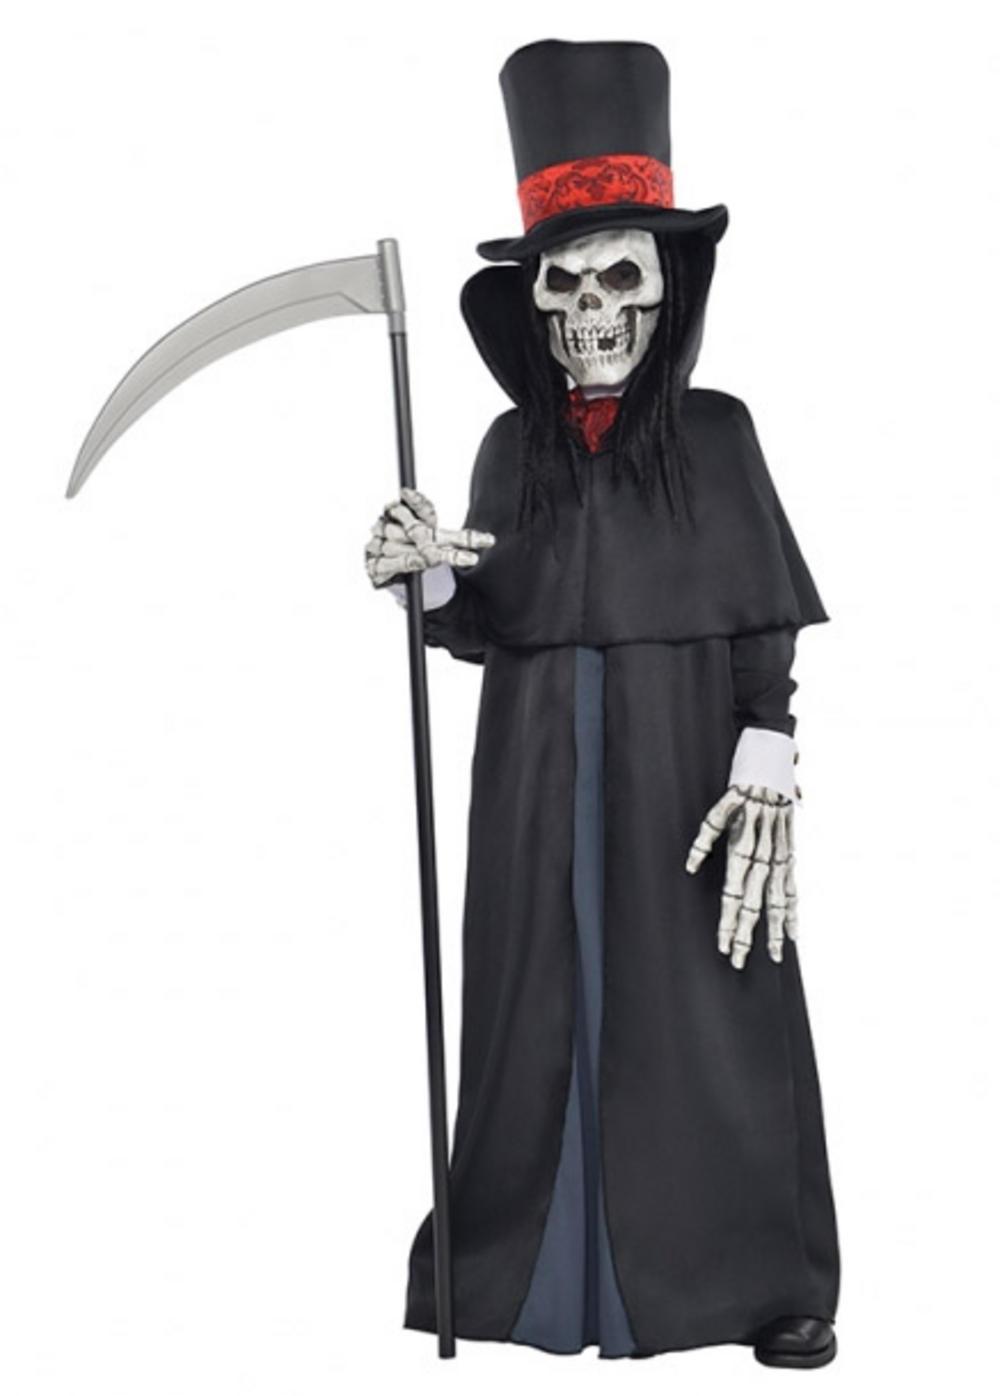 Grim Reaper Makeup